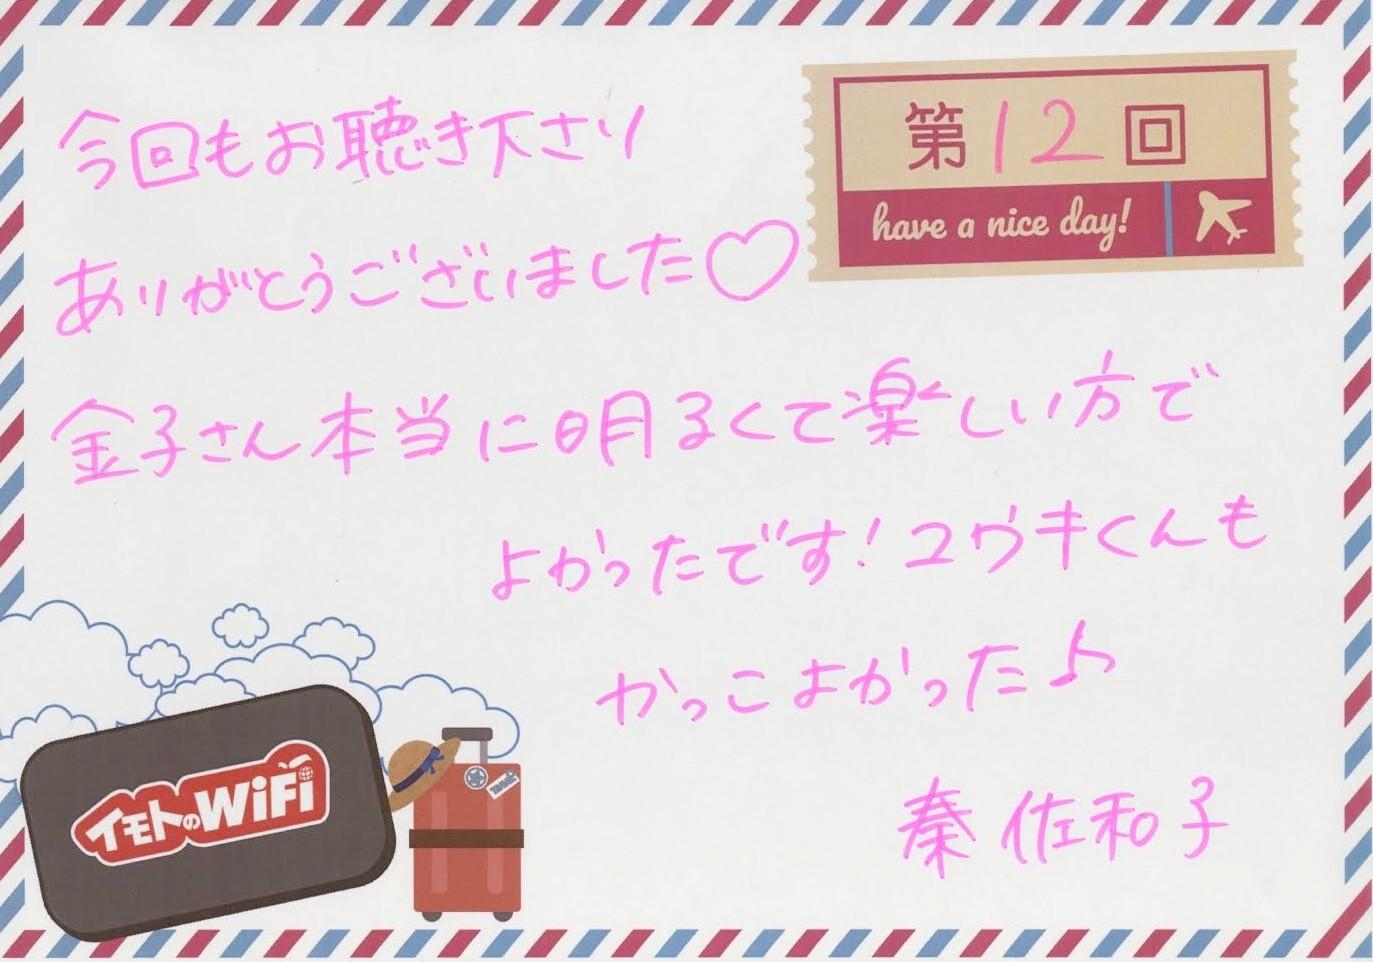 wifi12h.jpg